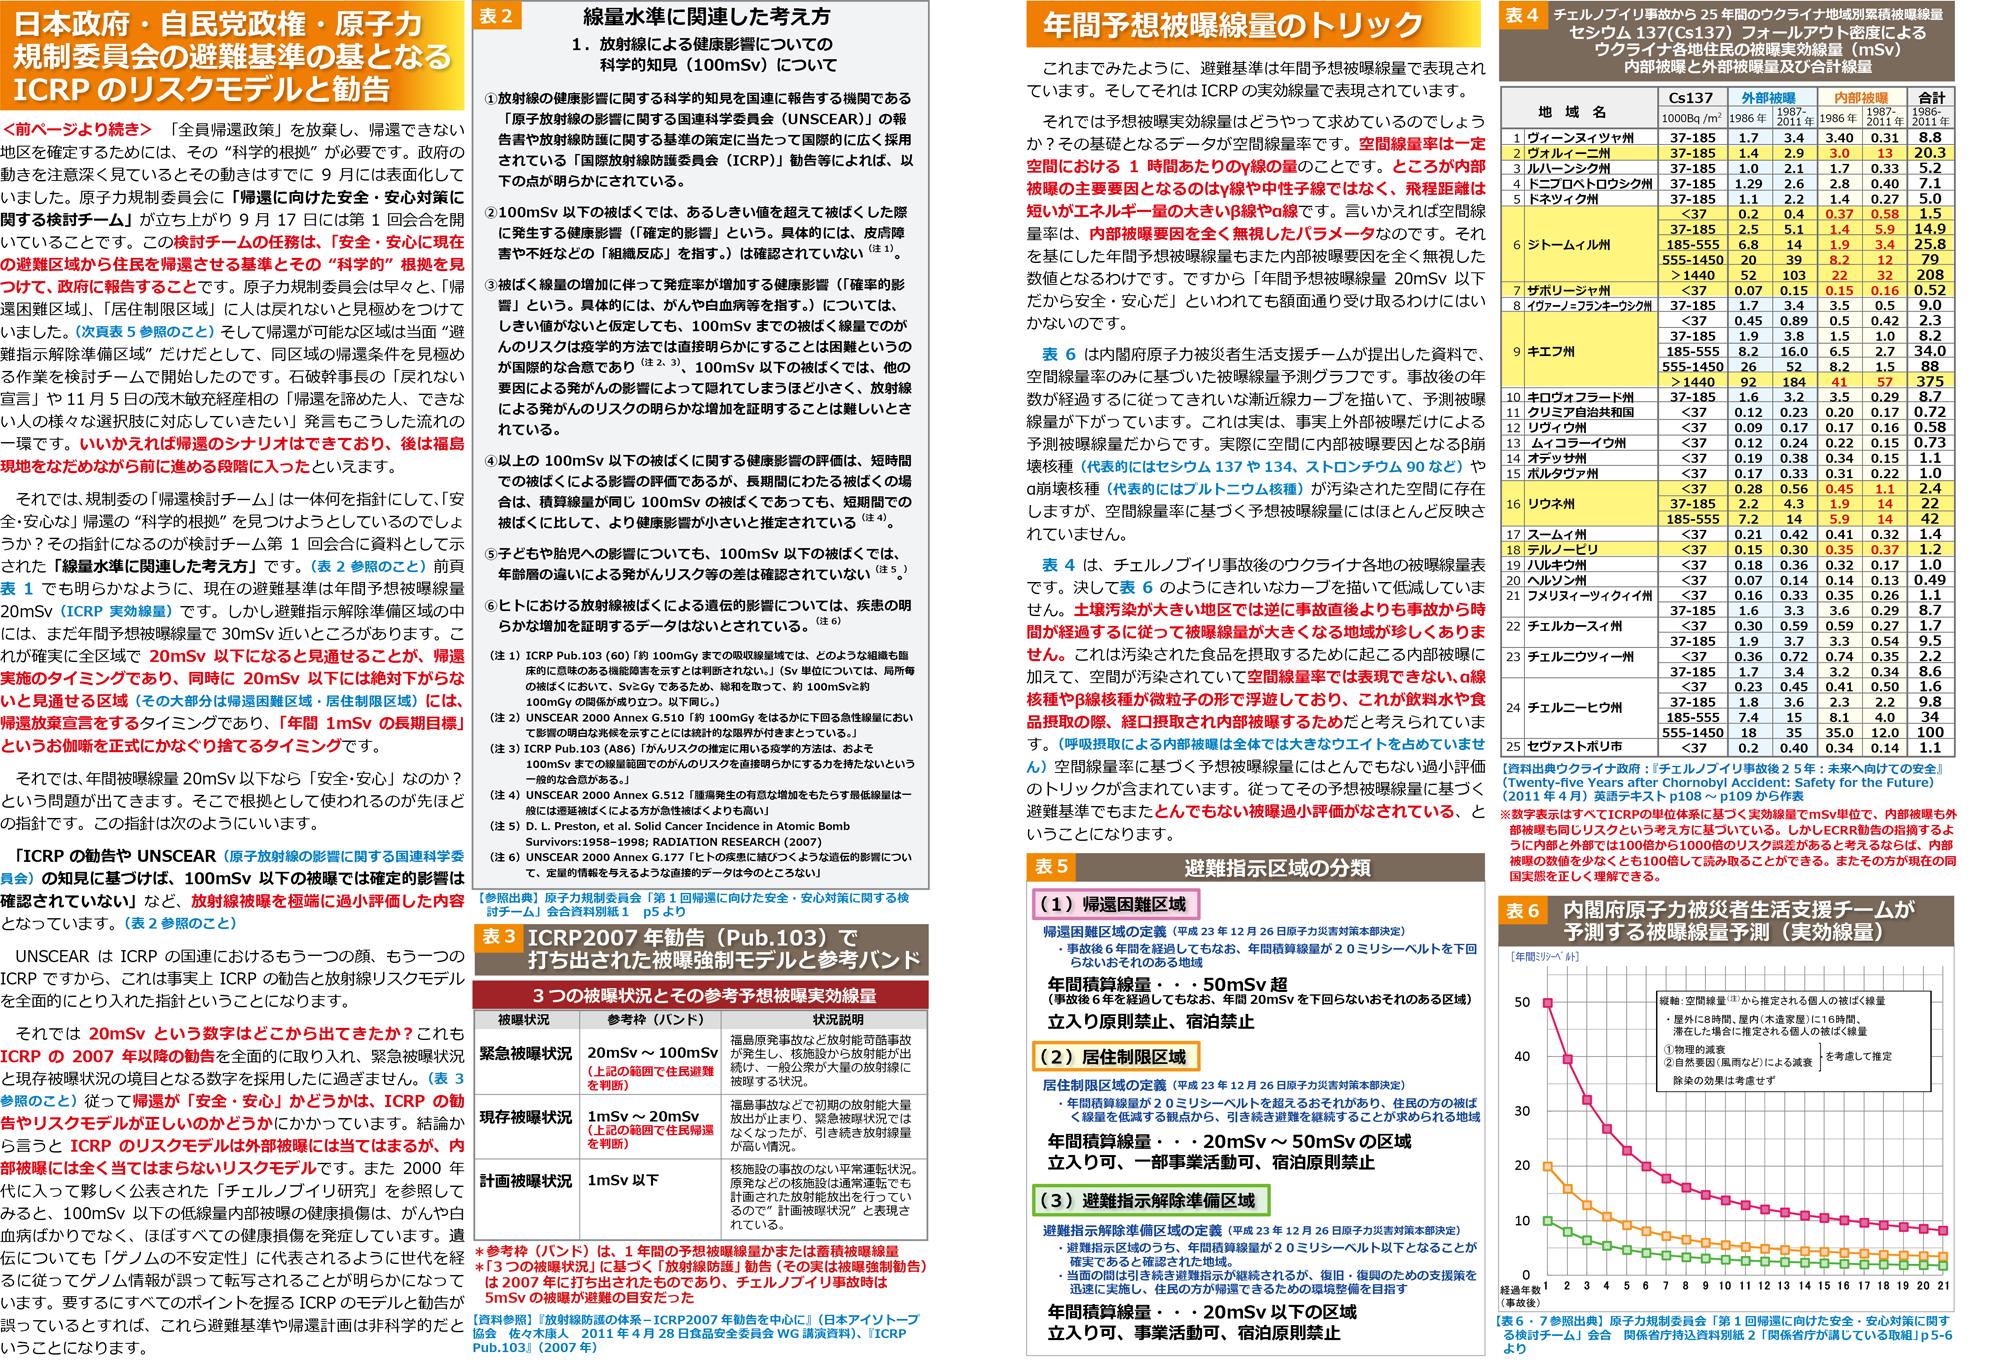 ファイル 226-2.jpg